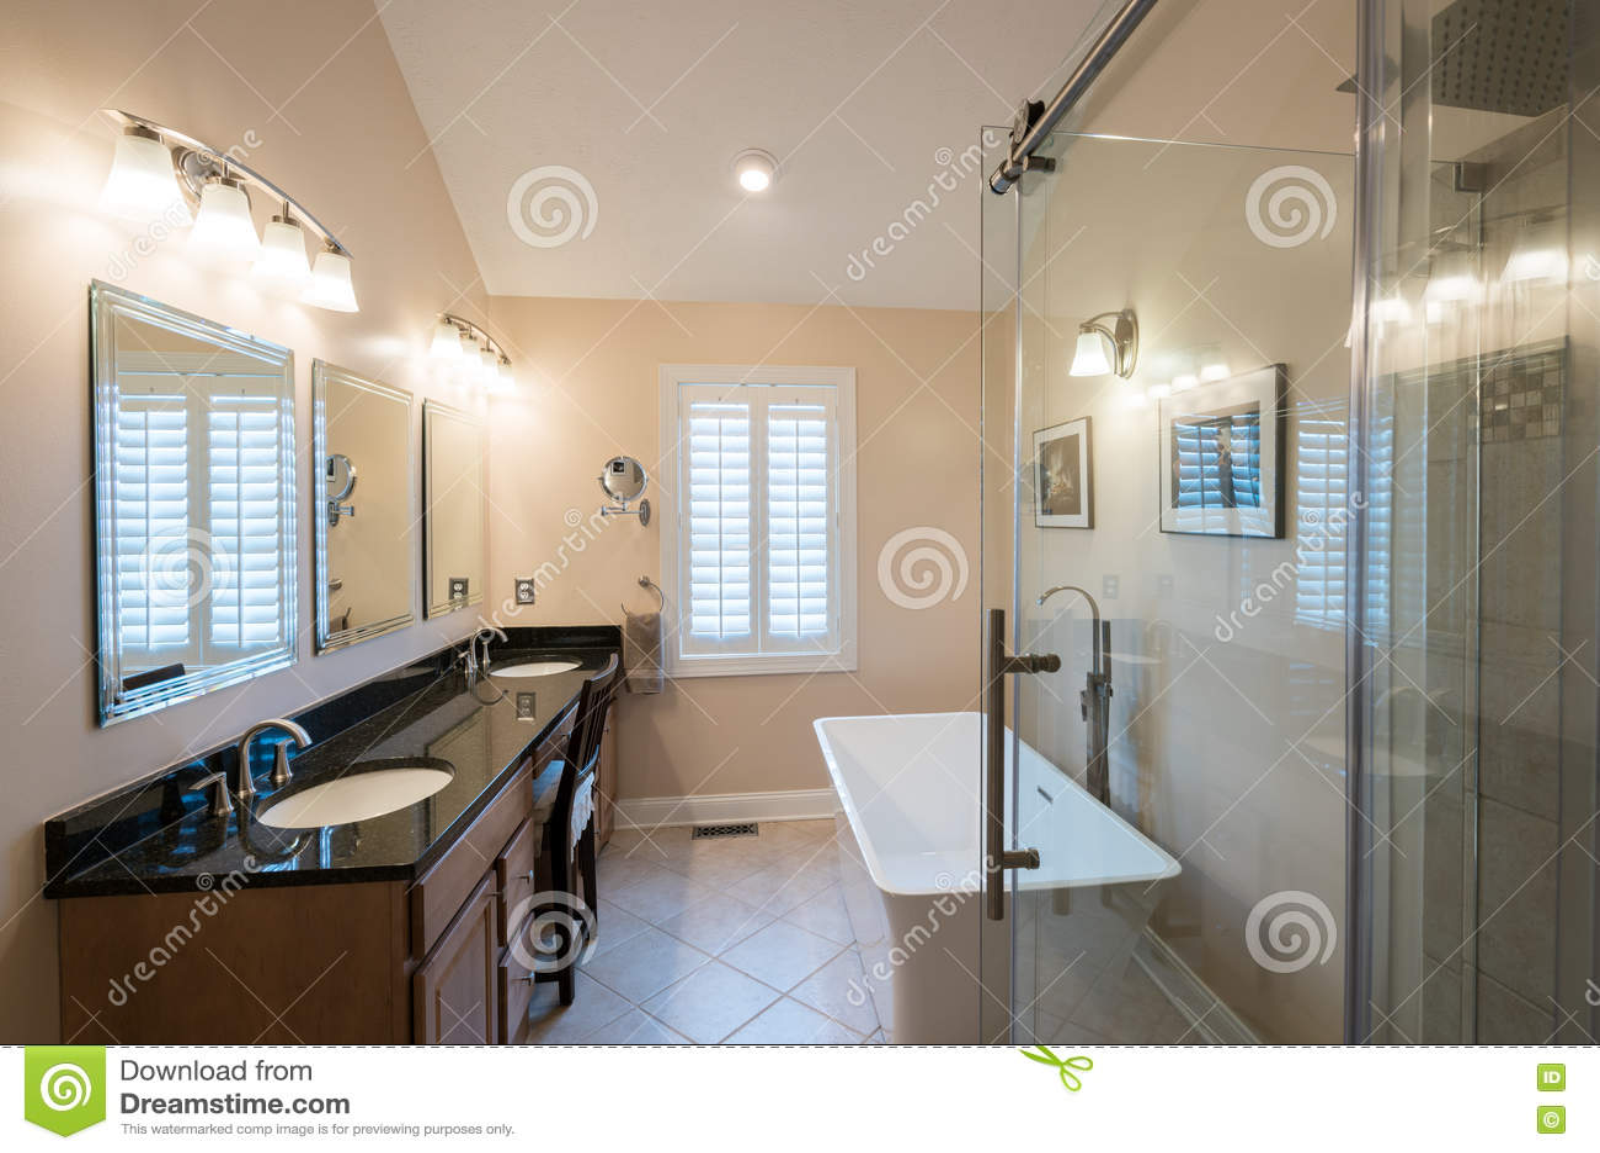 Modernes Badezimmer Mit Freistehender Wanne Und Eitelkeit Stockfoto ...